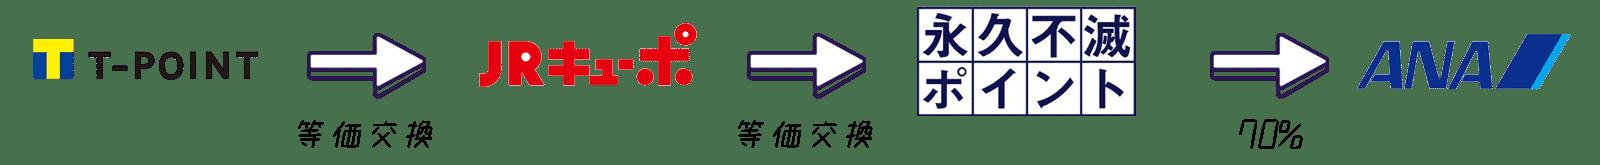 Tポイント JQみずほルート